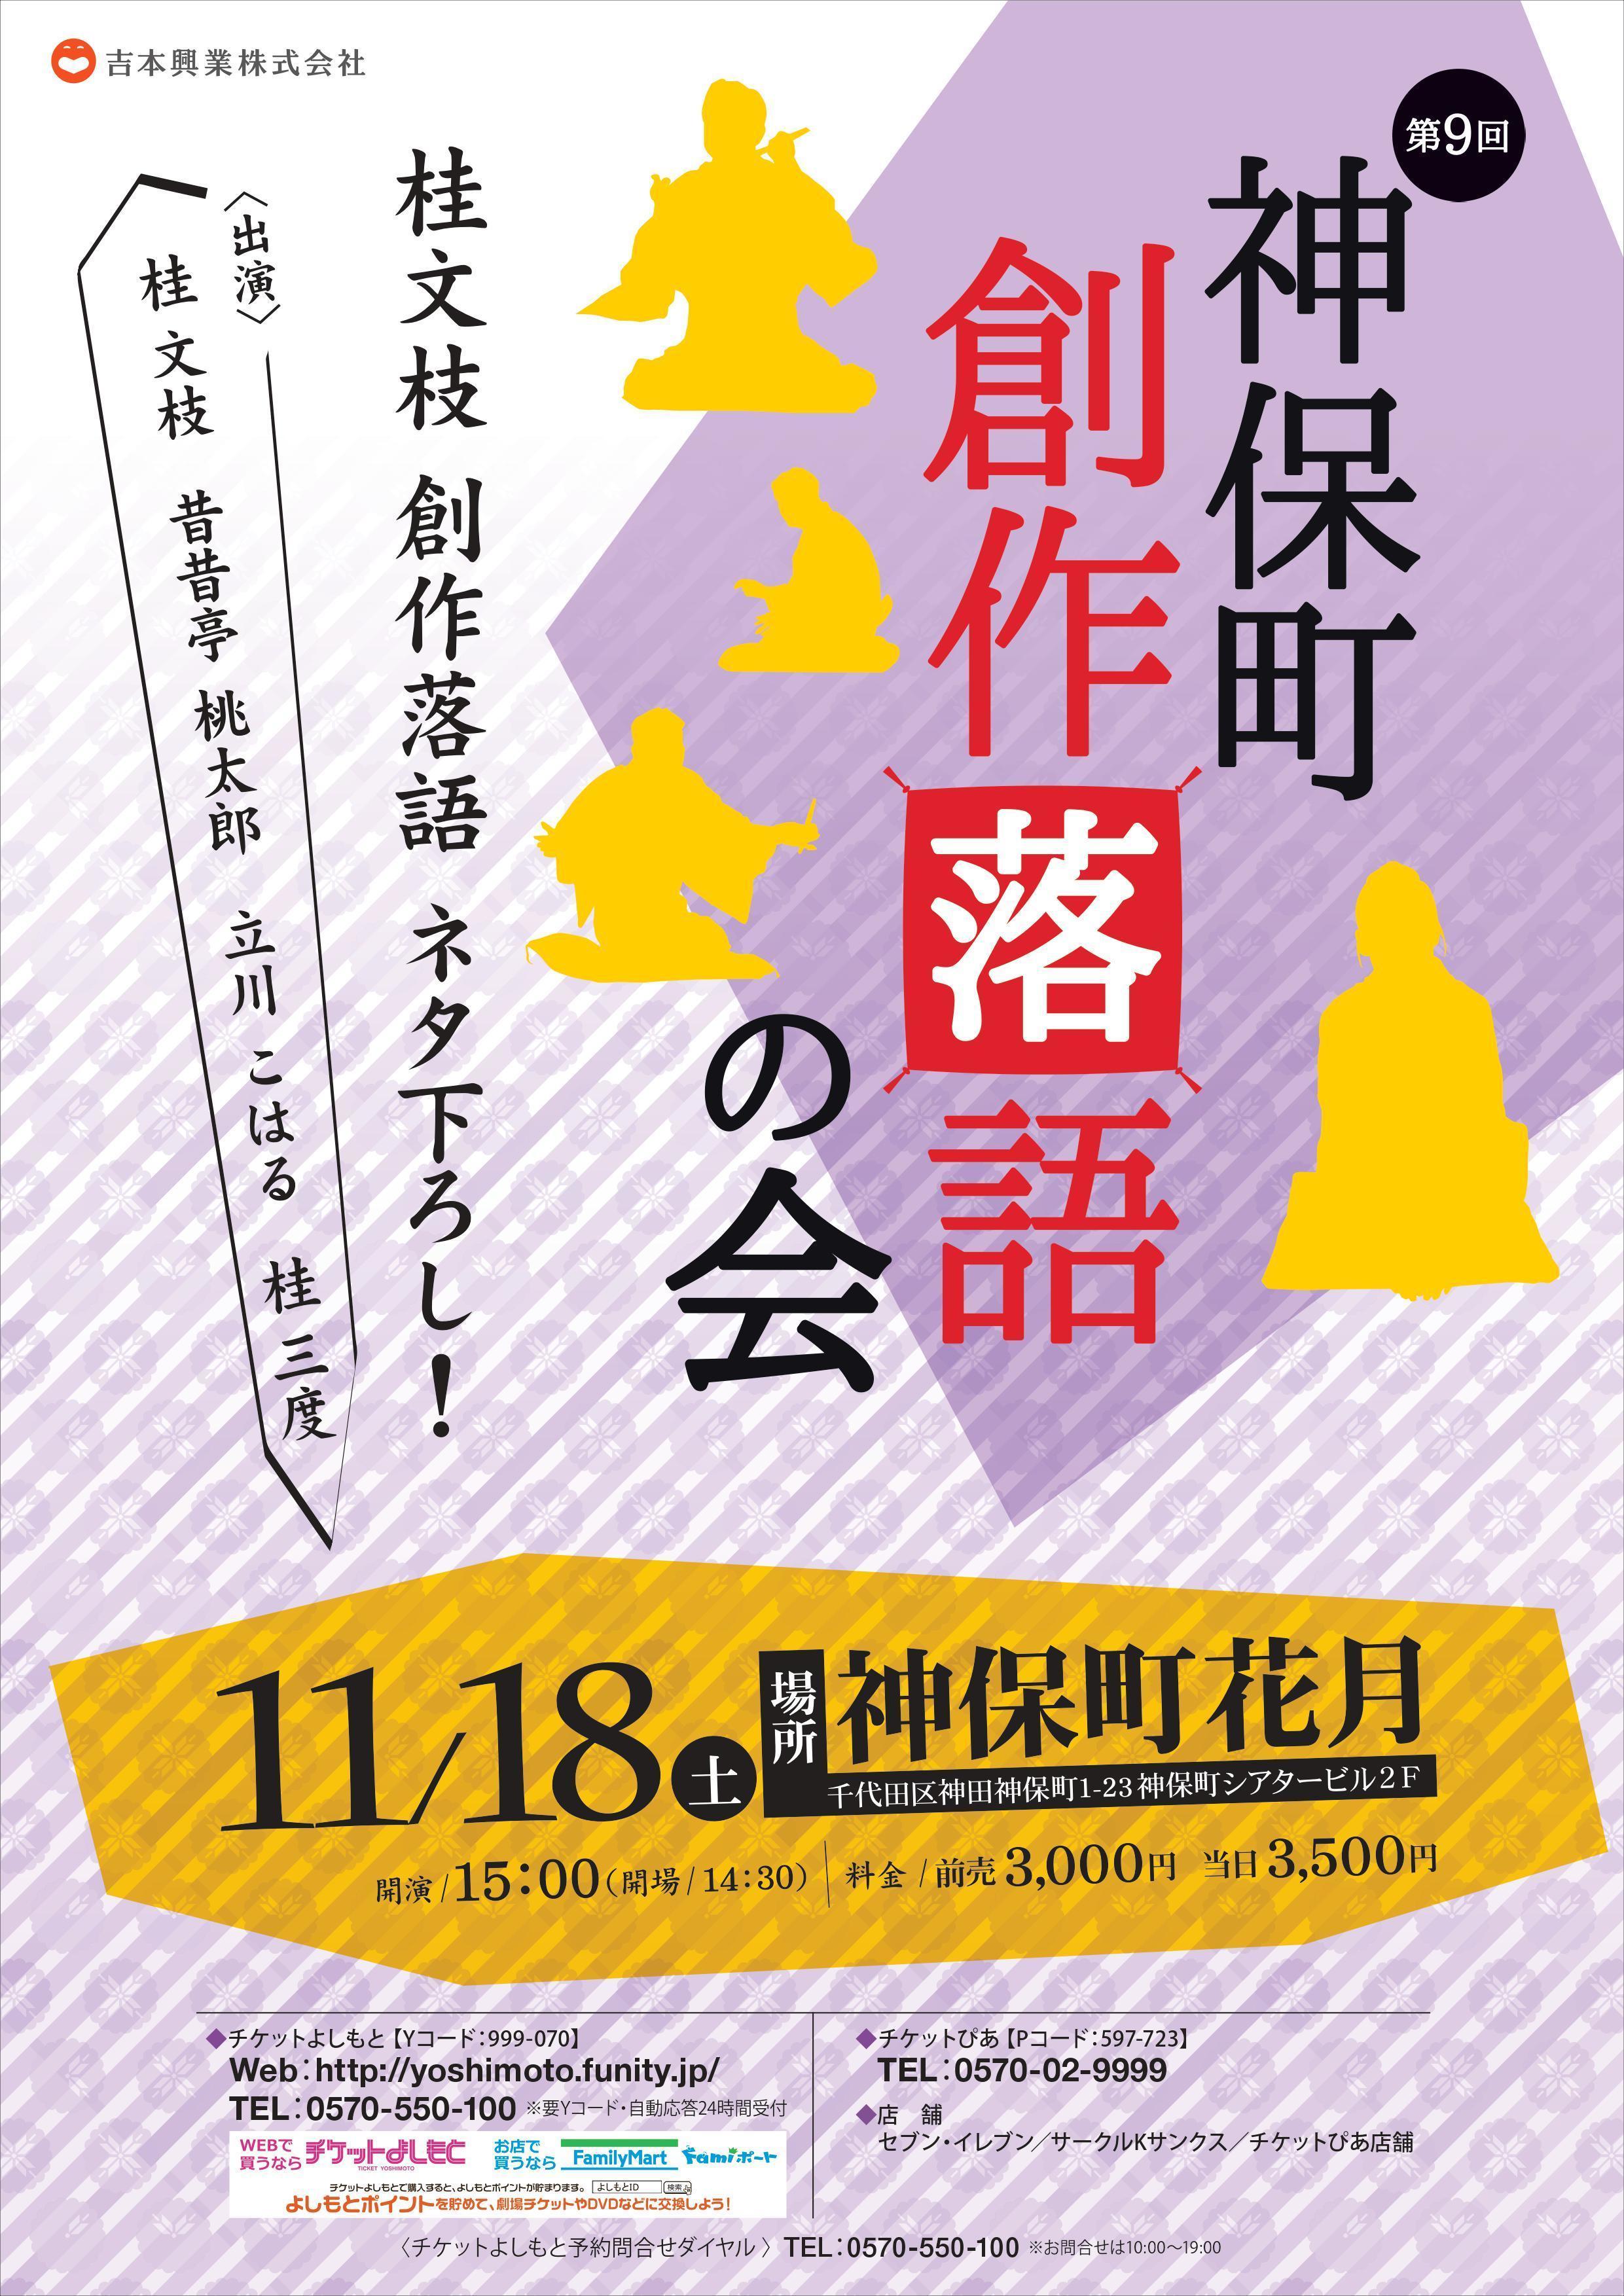 http://news.yoshimoto.co.jp/20171114150140-8bdbe136ebe782b086b238b5952a57d2daa0f013.jpg